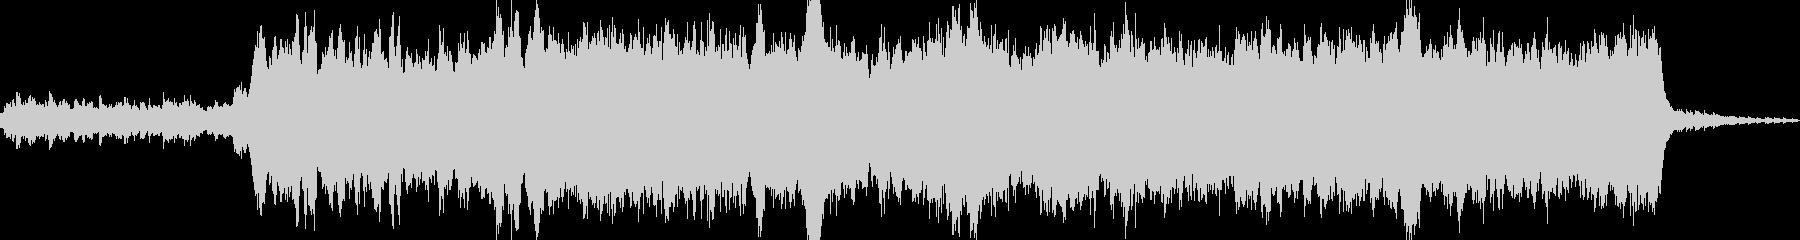 エンドロールにぴったりなオーケストラ曲の未再生の波形